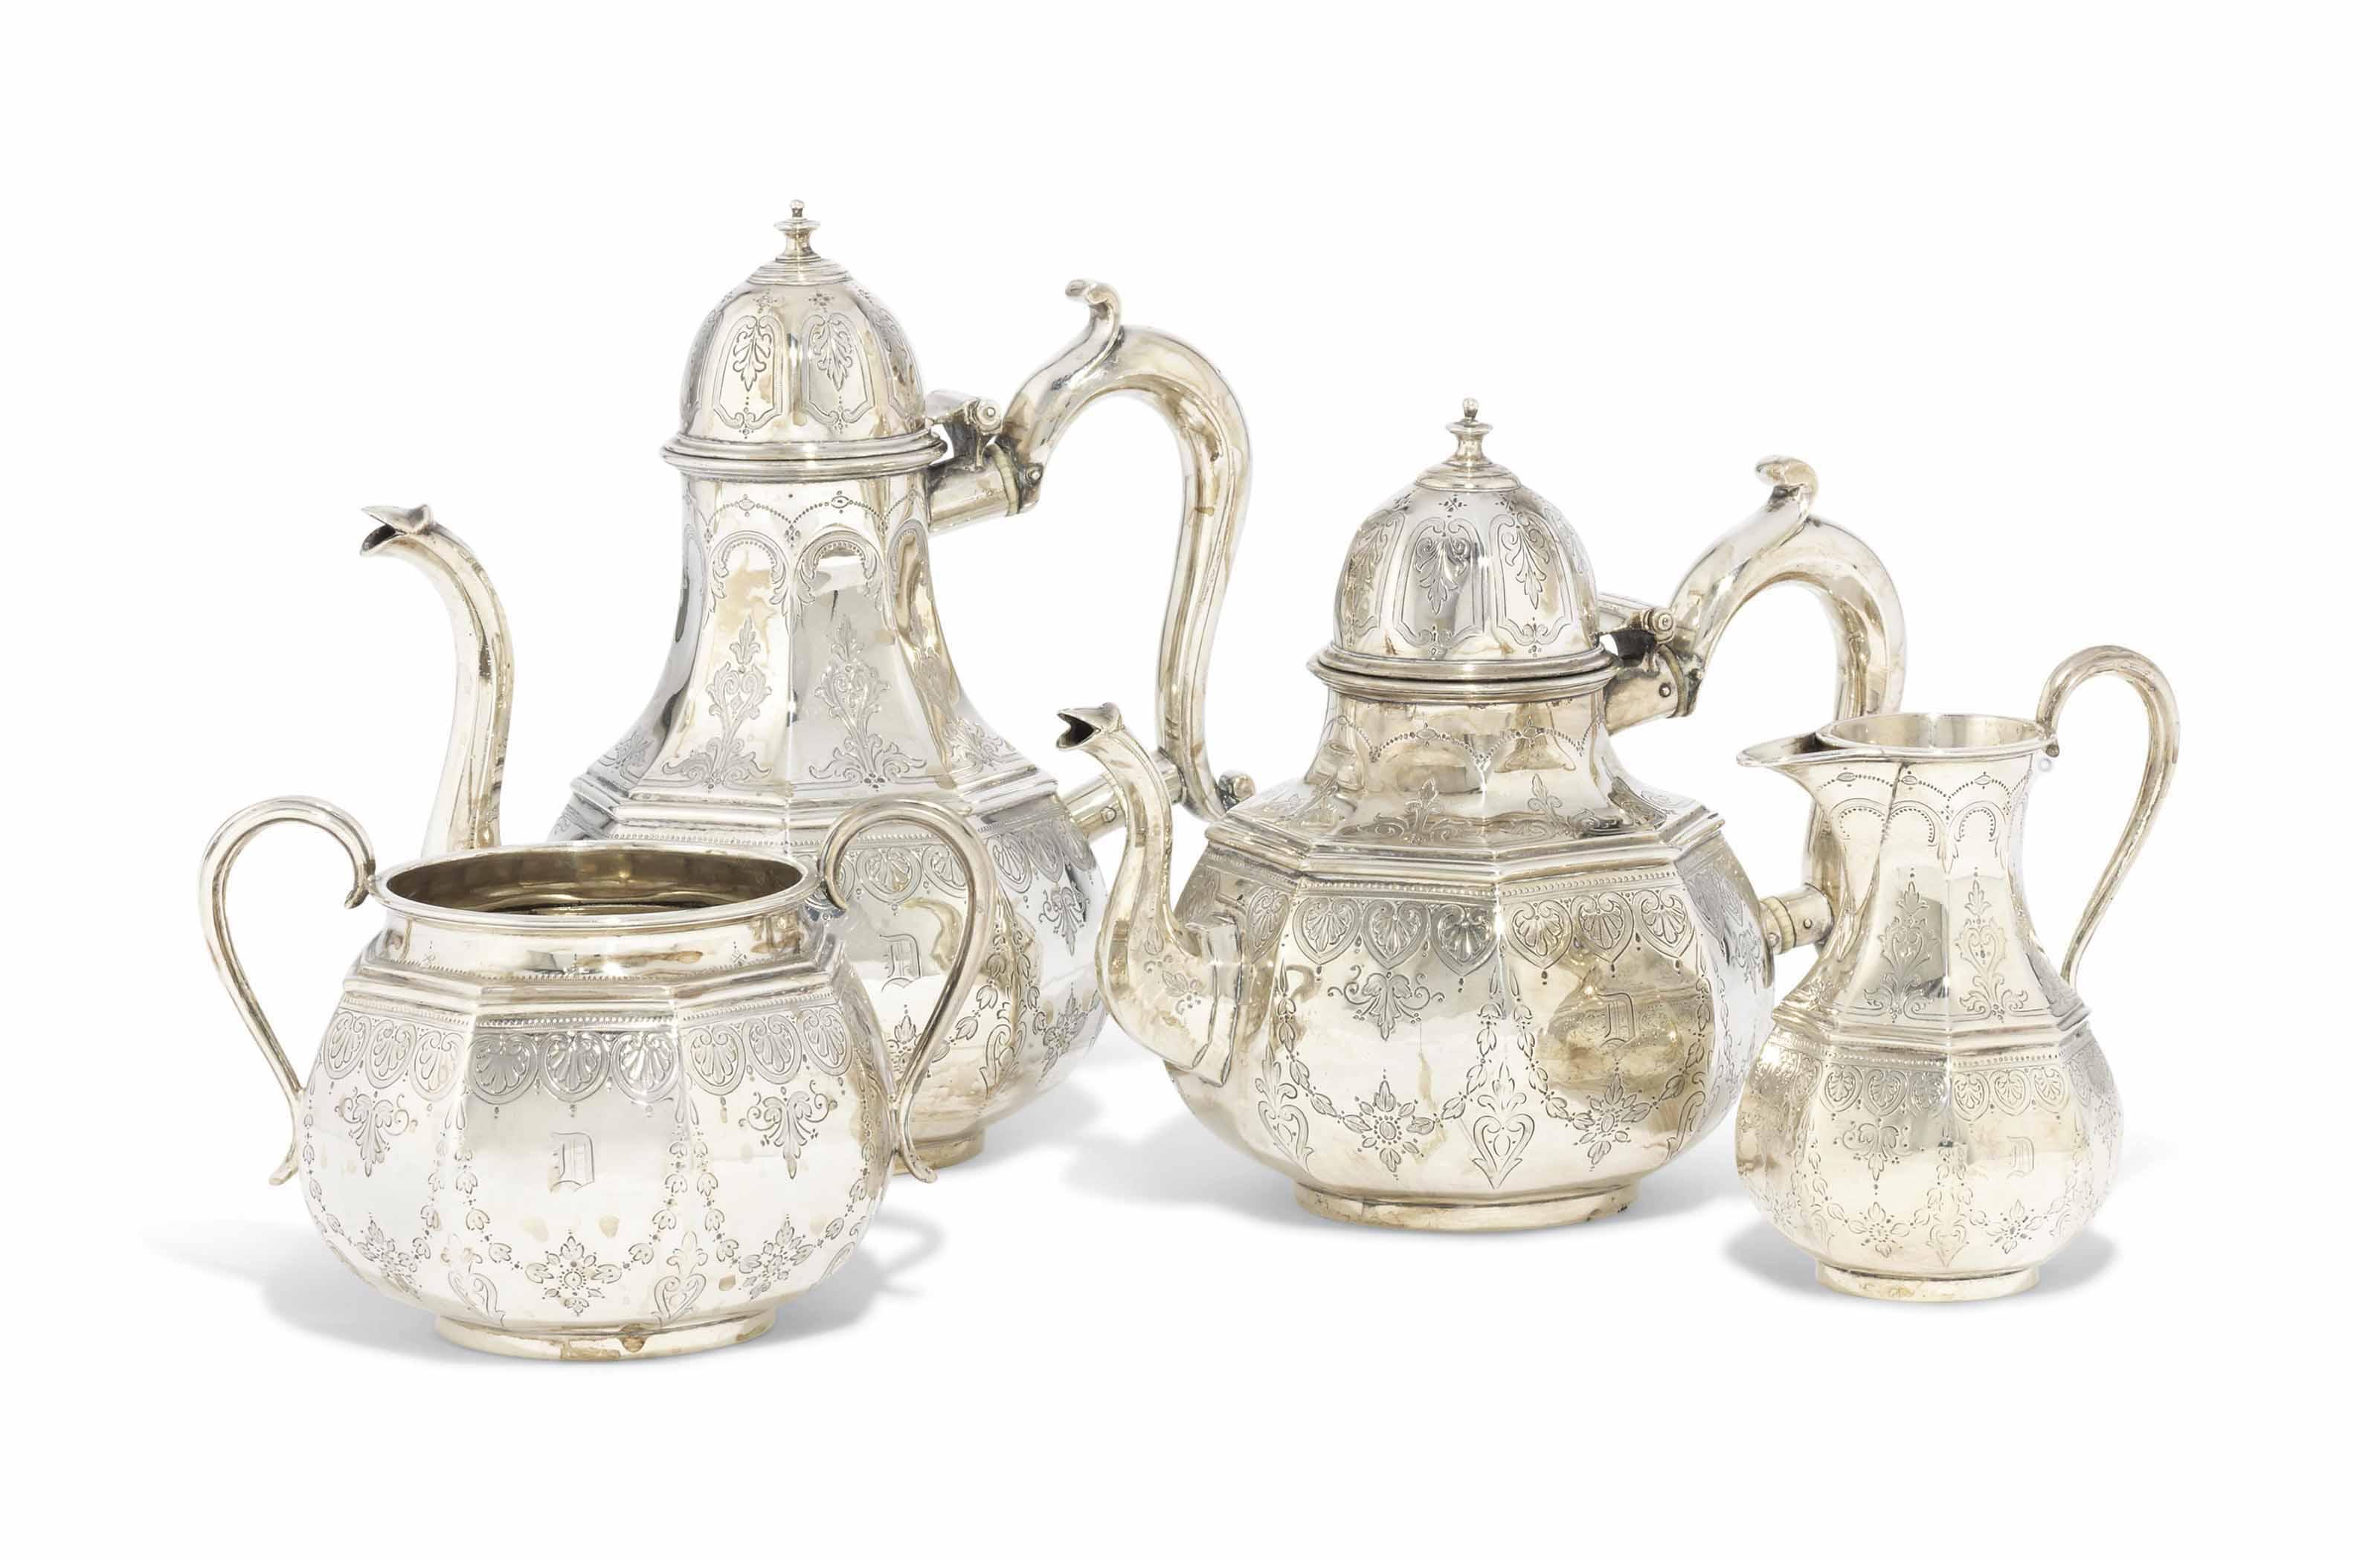 A FOUR-PIECE VICTORIAN SILVER TEA-SERVICE